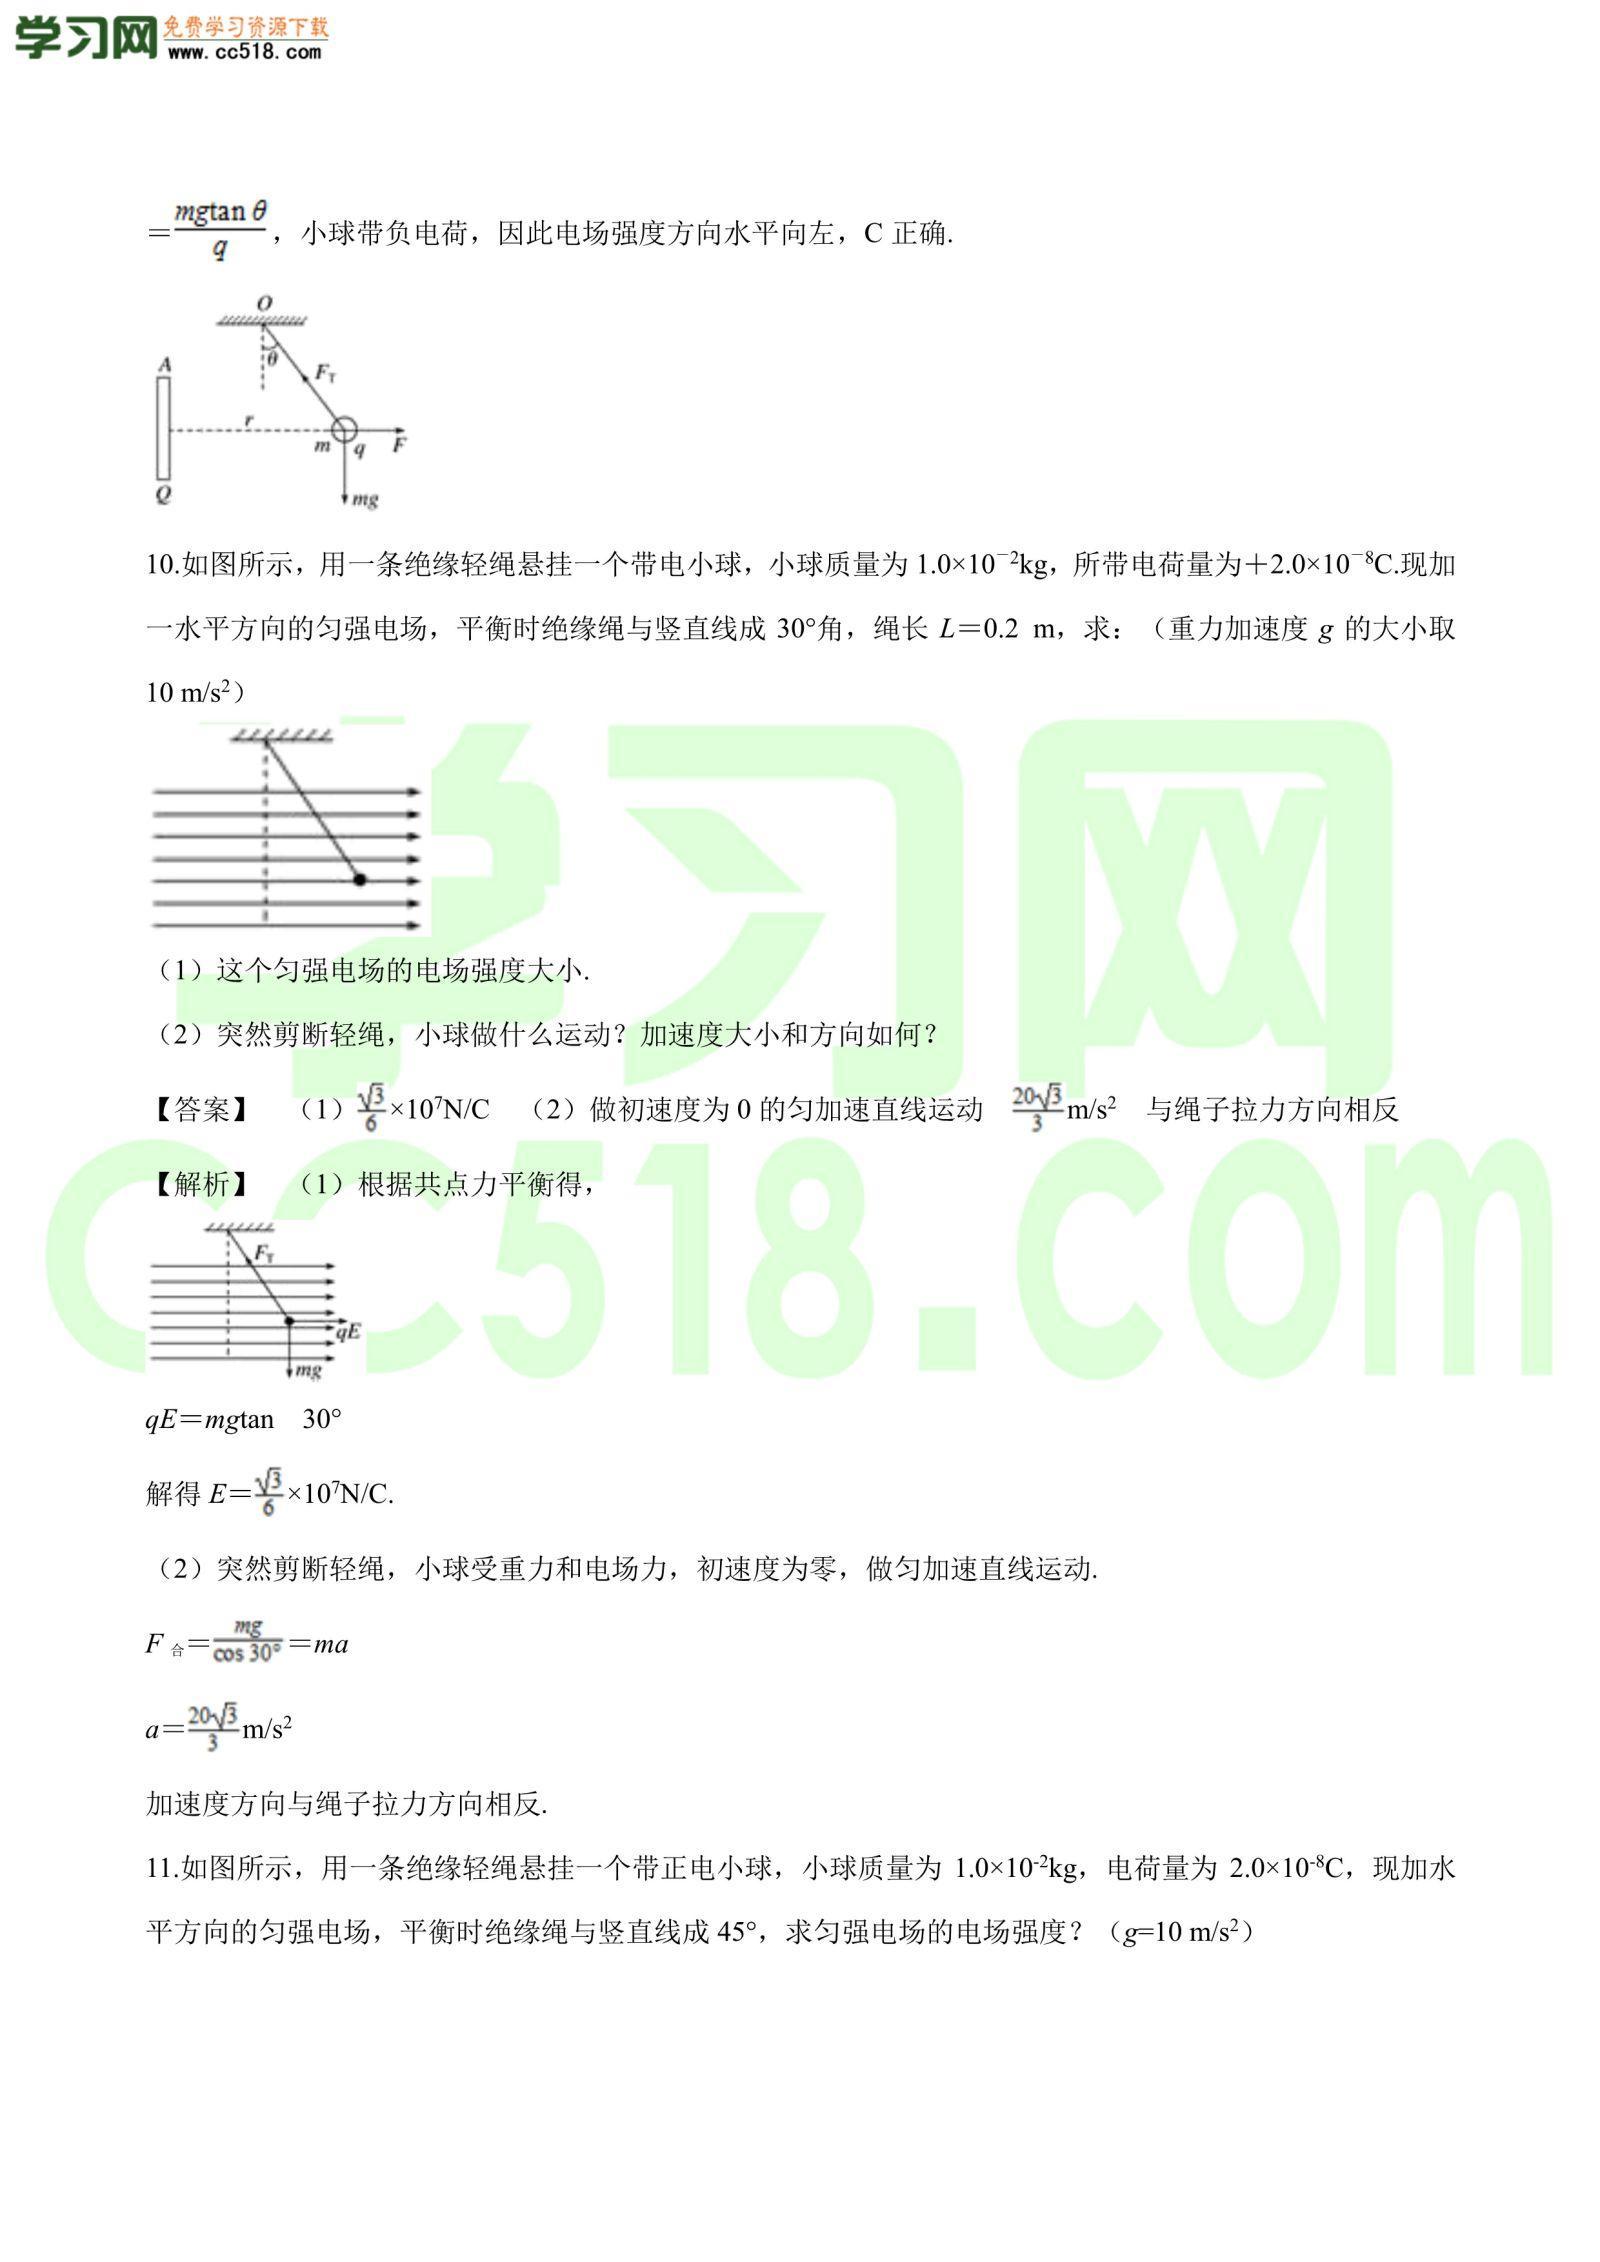 高二物理:电场综合问题(1)专题训练